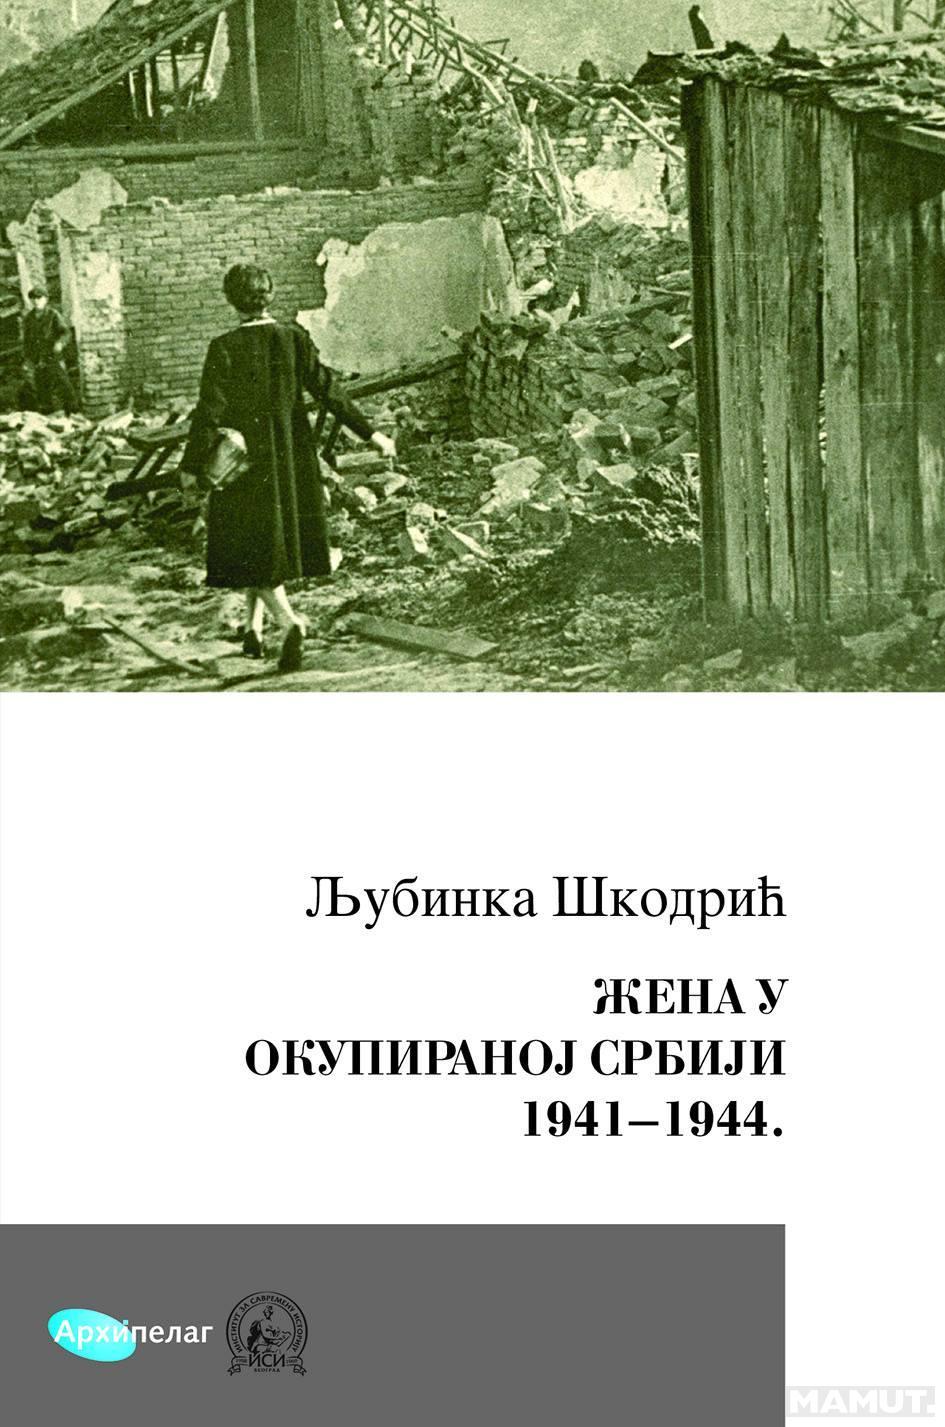 ŽENA U OKUPIRANOJ SRBIJI 1941-1944